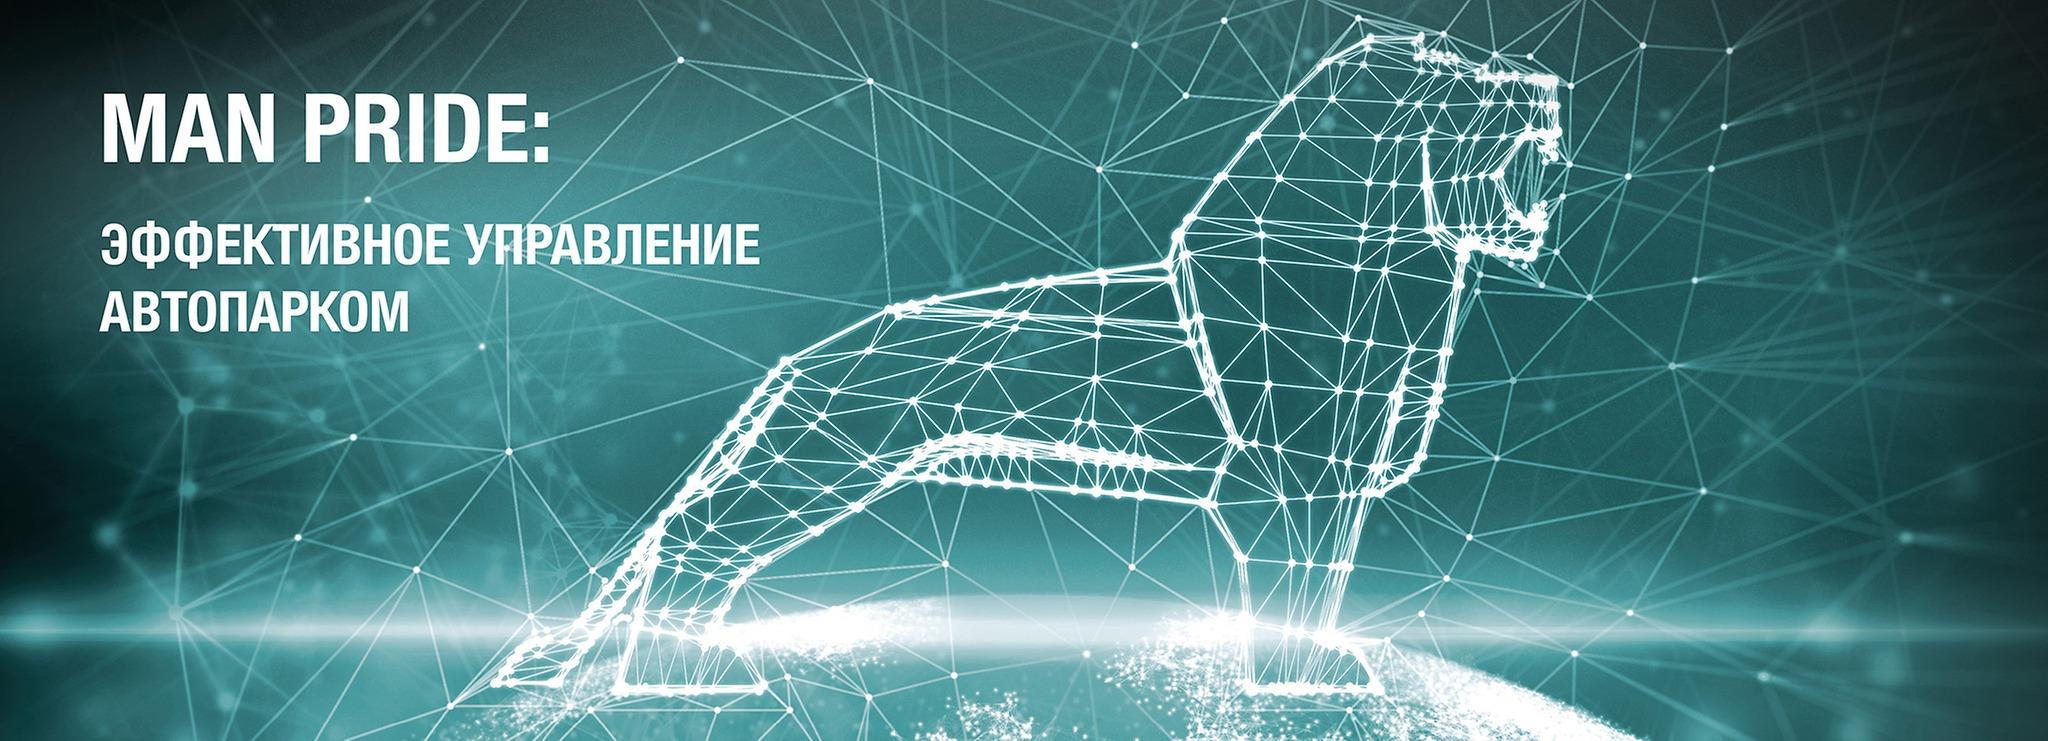 Новая платформа для эффективного управления автопарком